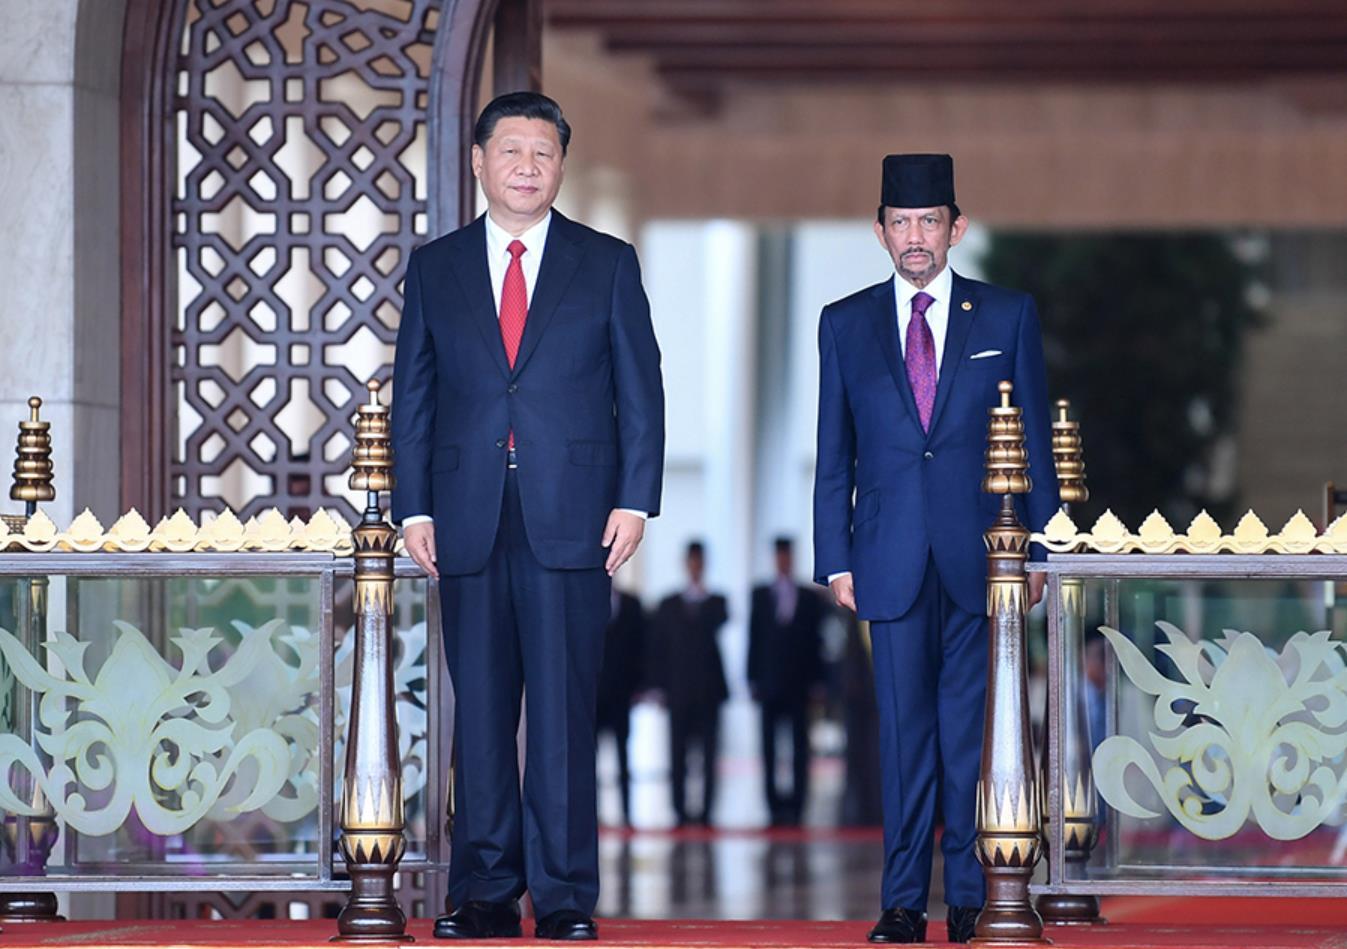 11月19日,国家主席习近平在斯里巴加湾同文莱苏丹哈桑纳尔举行会谈。这是会谈开始前,习近平出席哈桑纳尔在王宫前广场举行的盛大欢迎仪式。